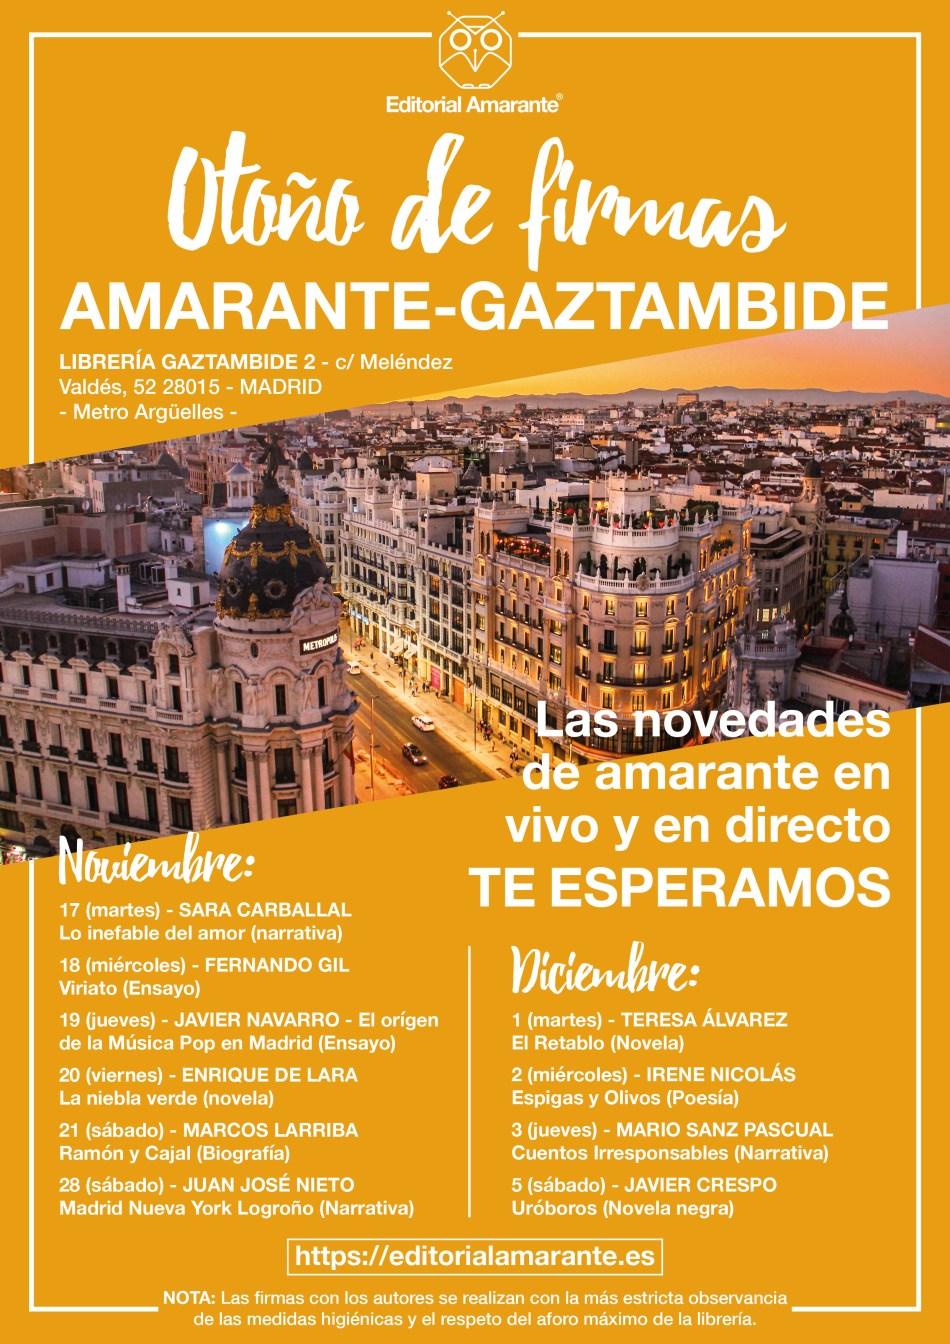 Otoño de Firmas Amarante - Gaztambide - Editorial Amarante